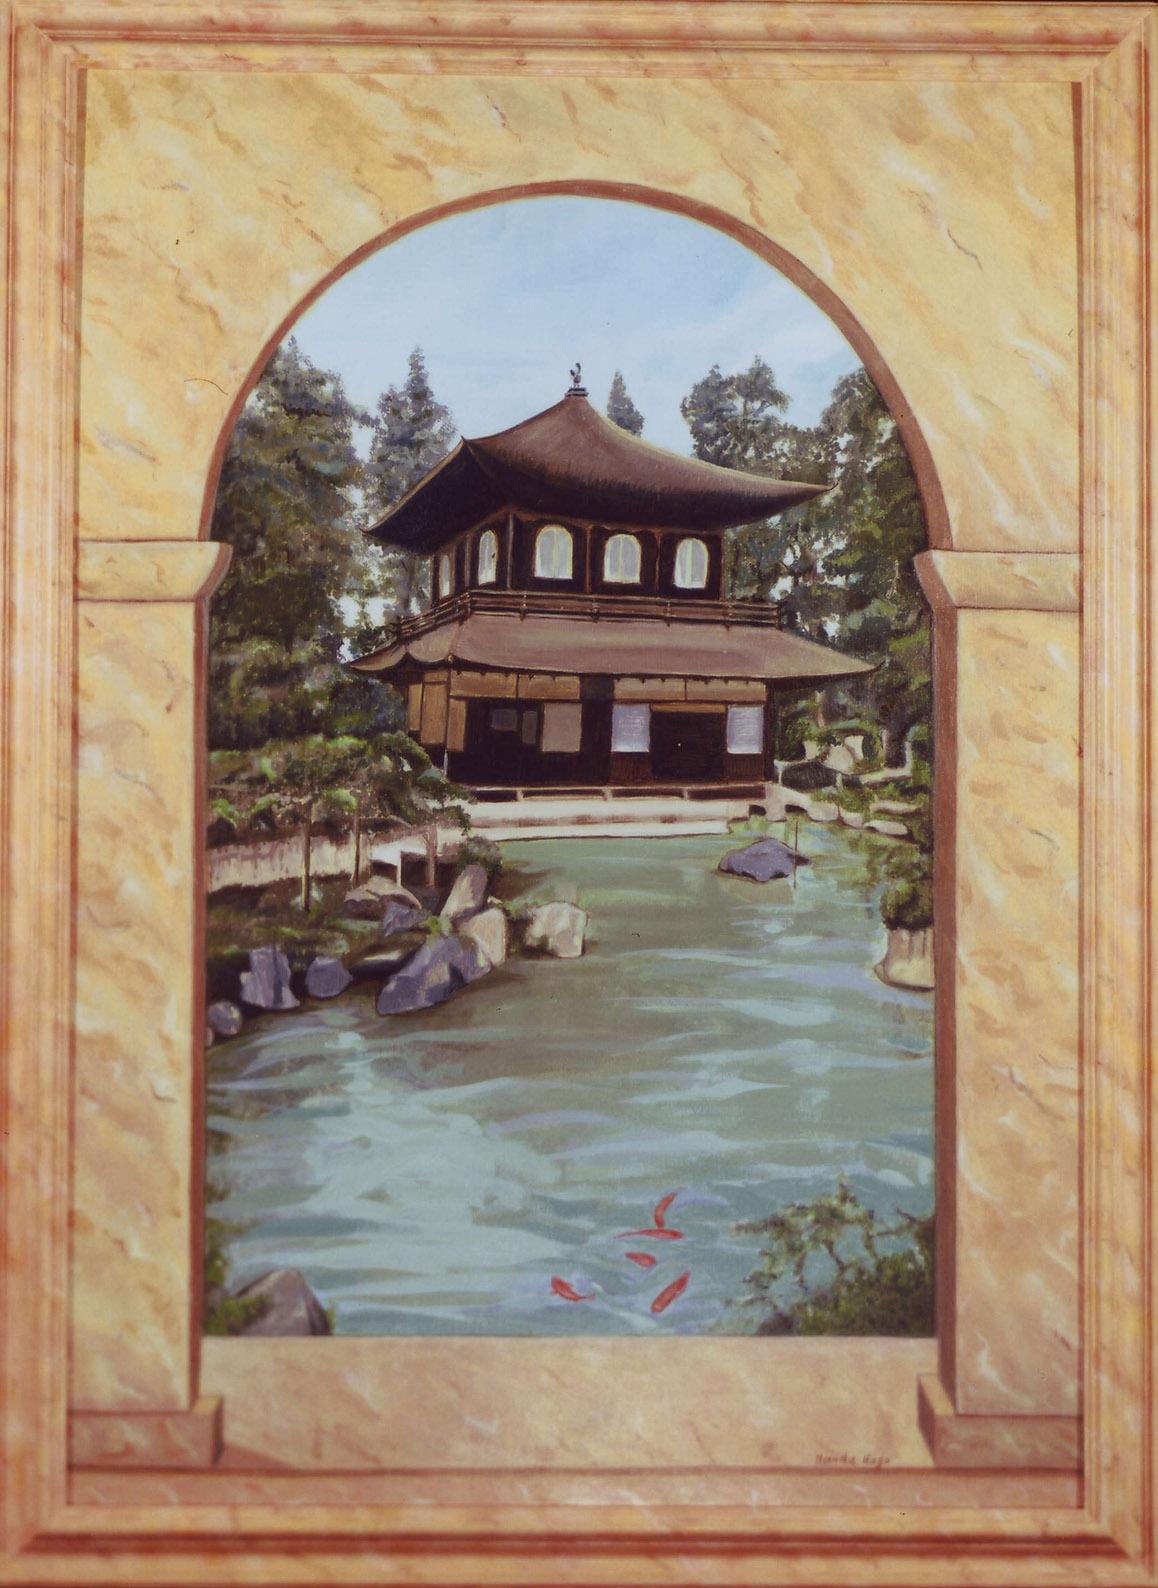 Tempio giapponese. Dipinto artista Nanda Rago. Trompe-l'oeil